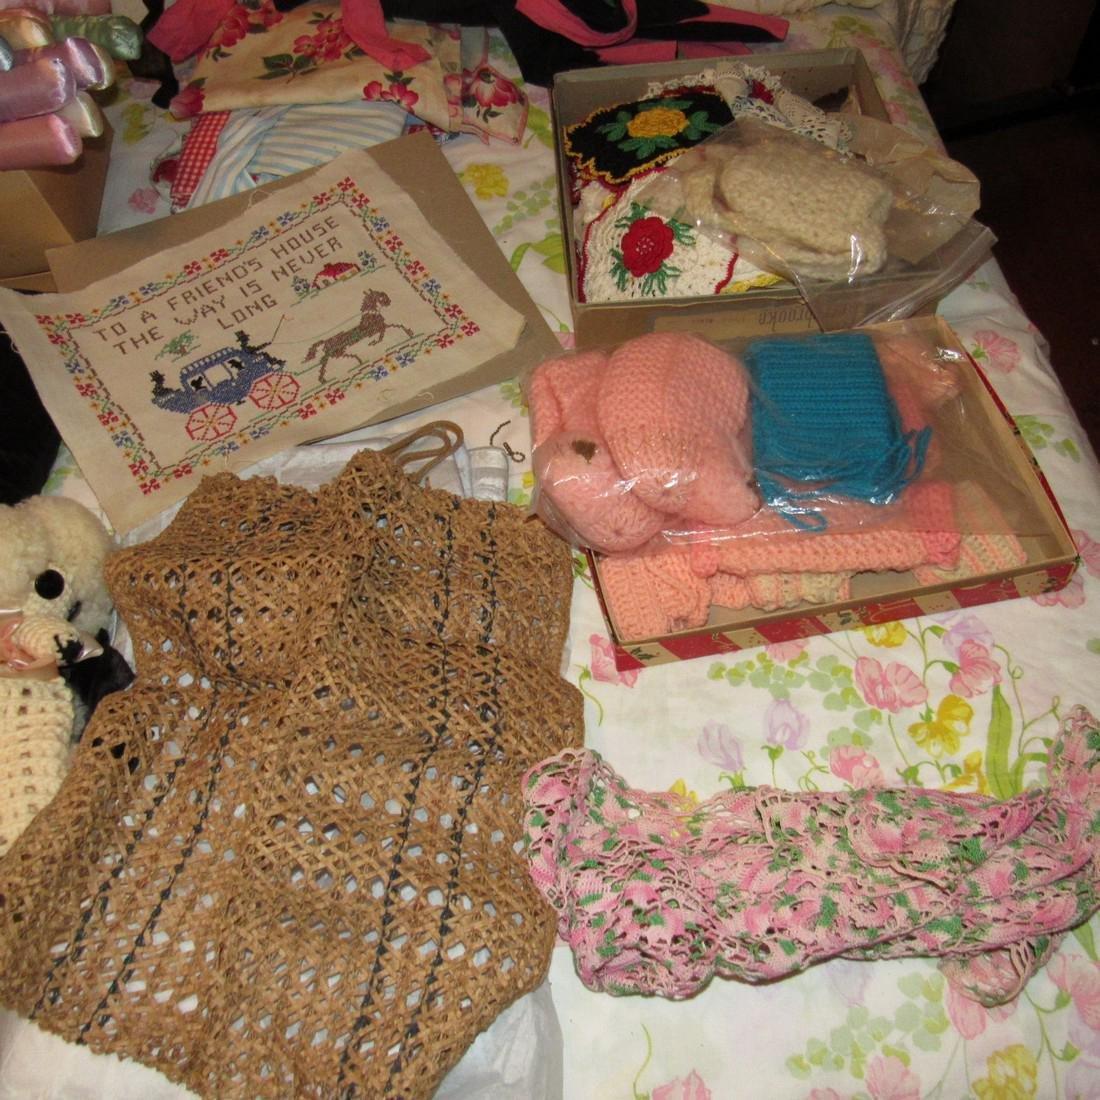 Bedspreads Pillows Blankets Doilies Hangers - 3